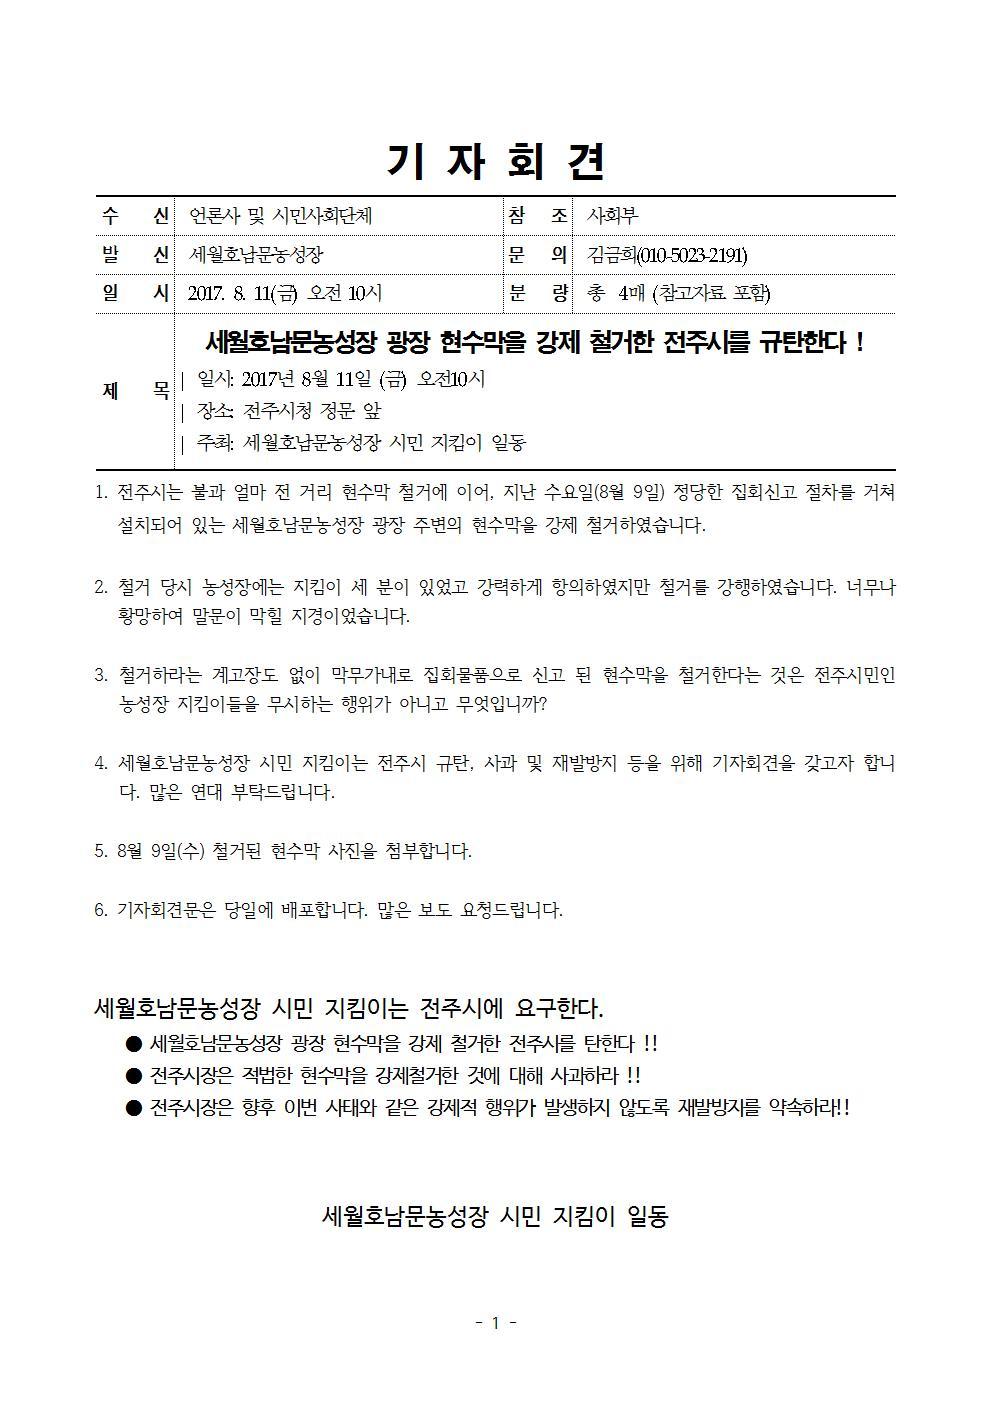 [기자회견 보도요청] 2017.8.11.10시 전주시청 정문 앞_세월호남문농성장001.jpg